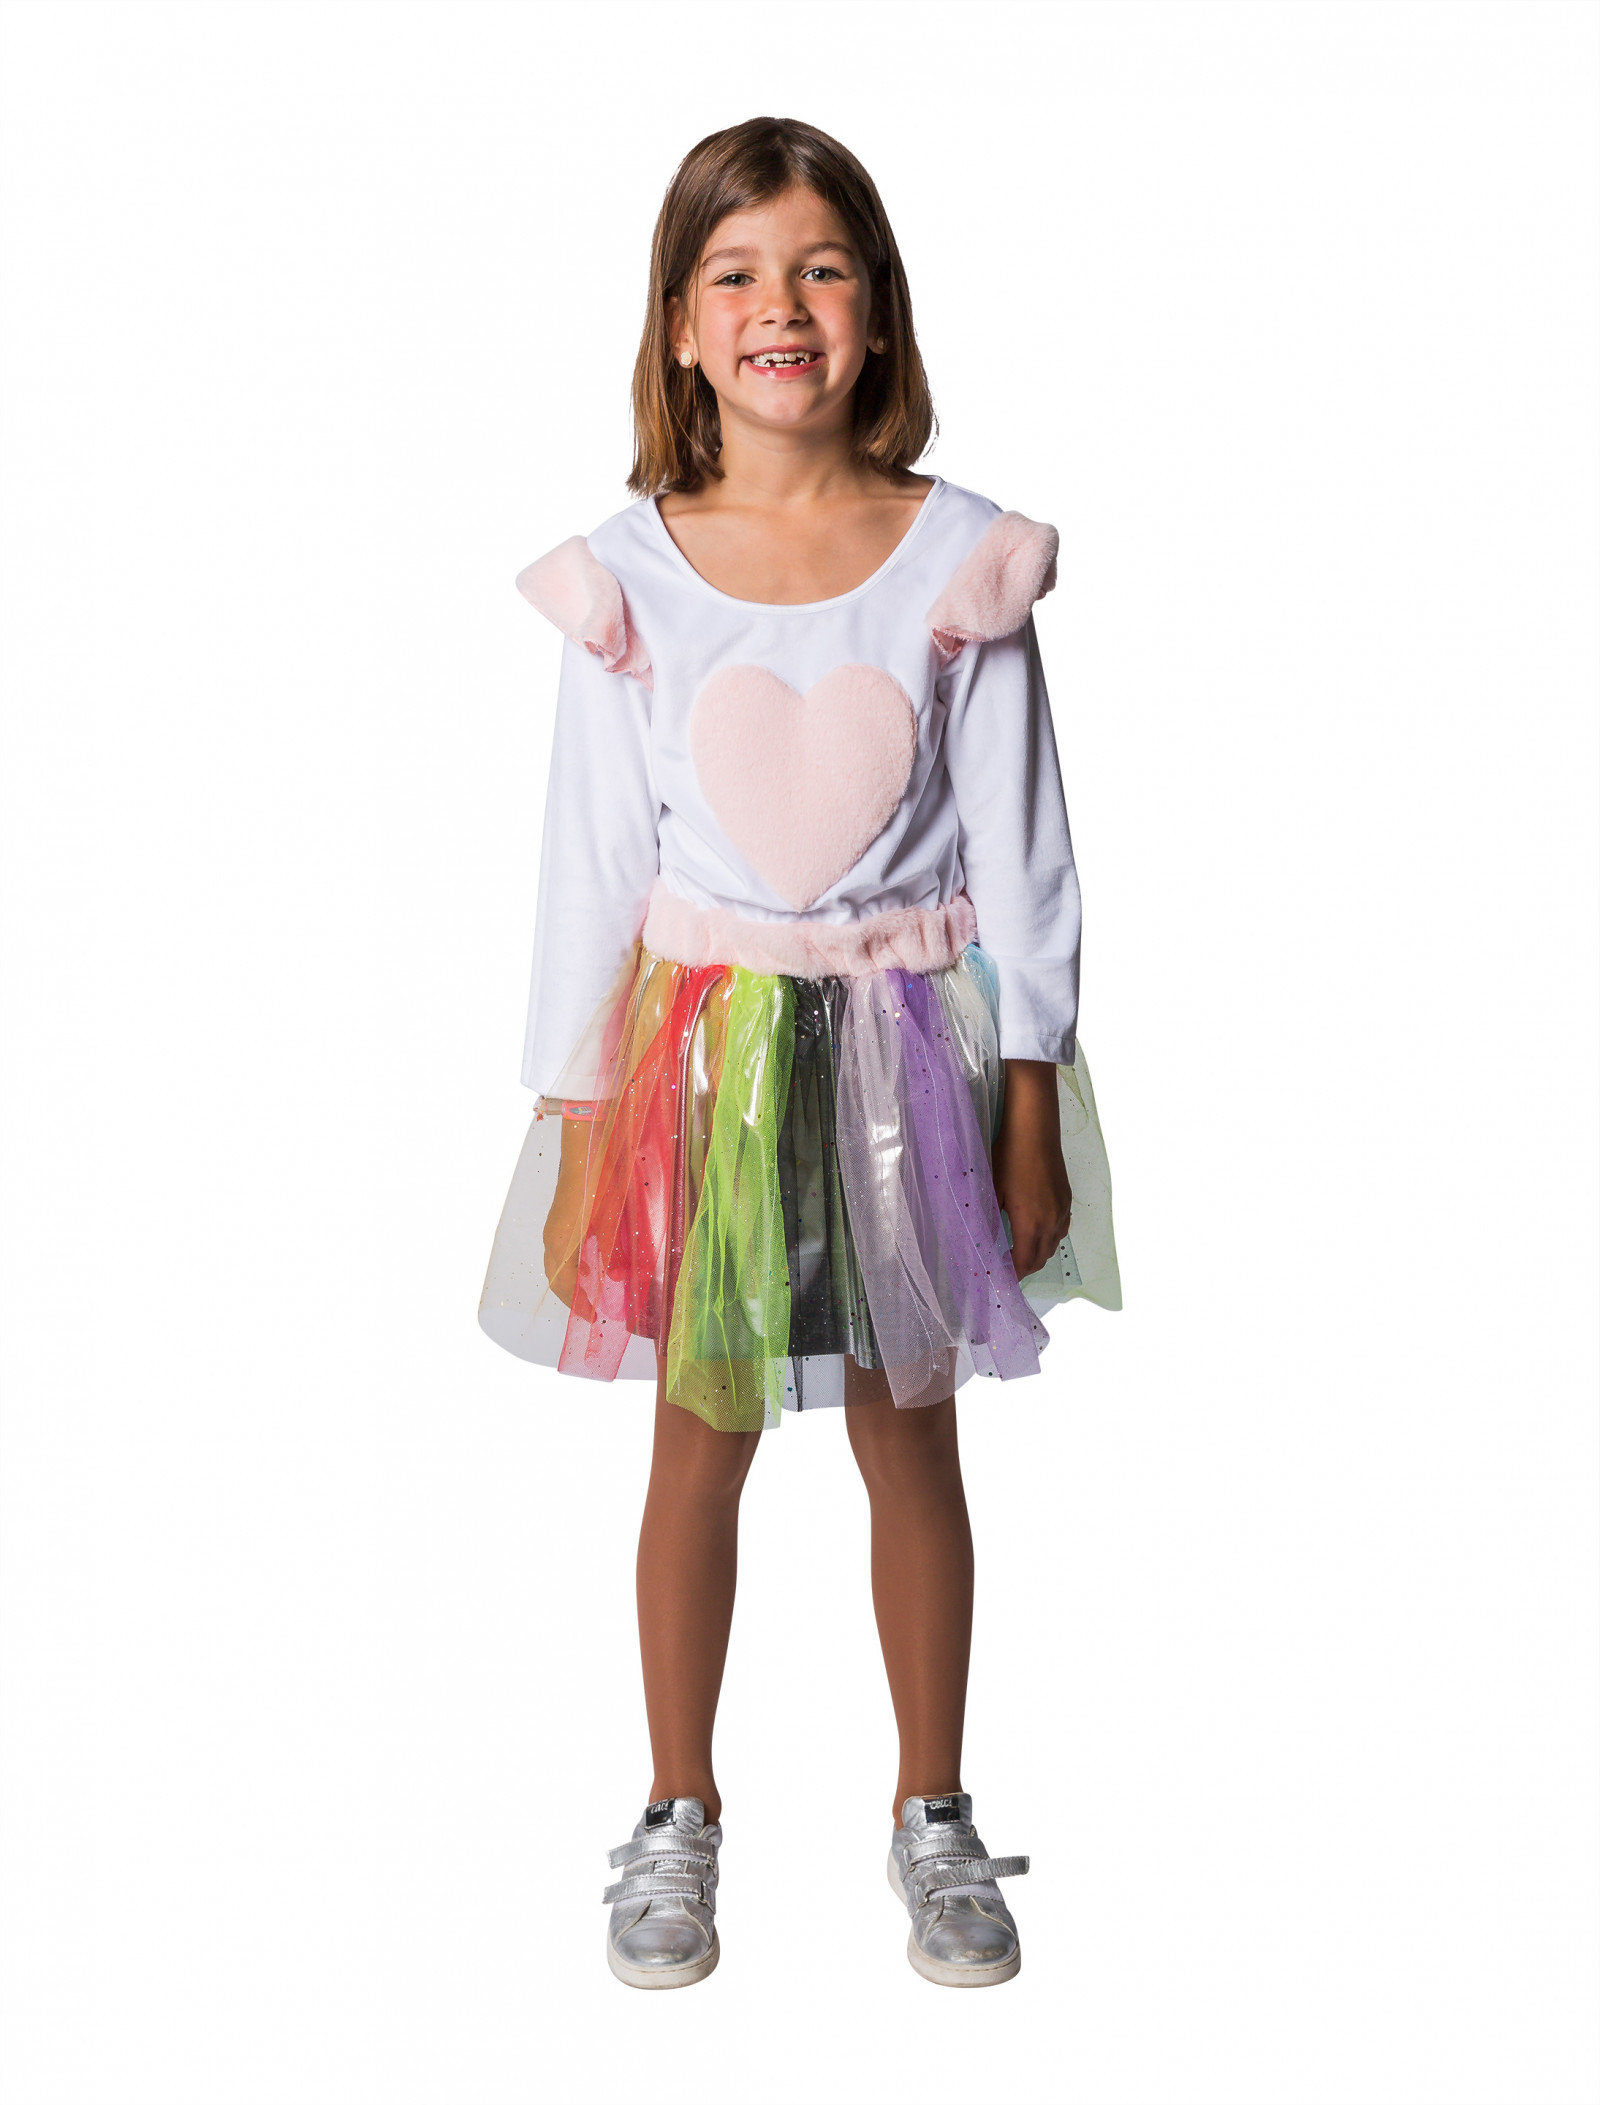 Kleid Einhorn Kinder Für Karneval  Fasching Kaufen » Deiters